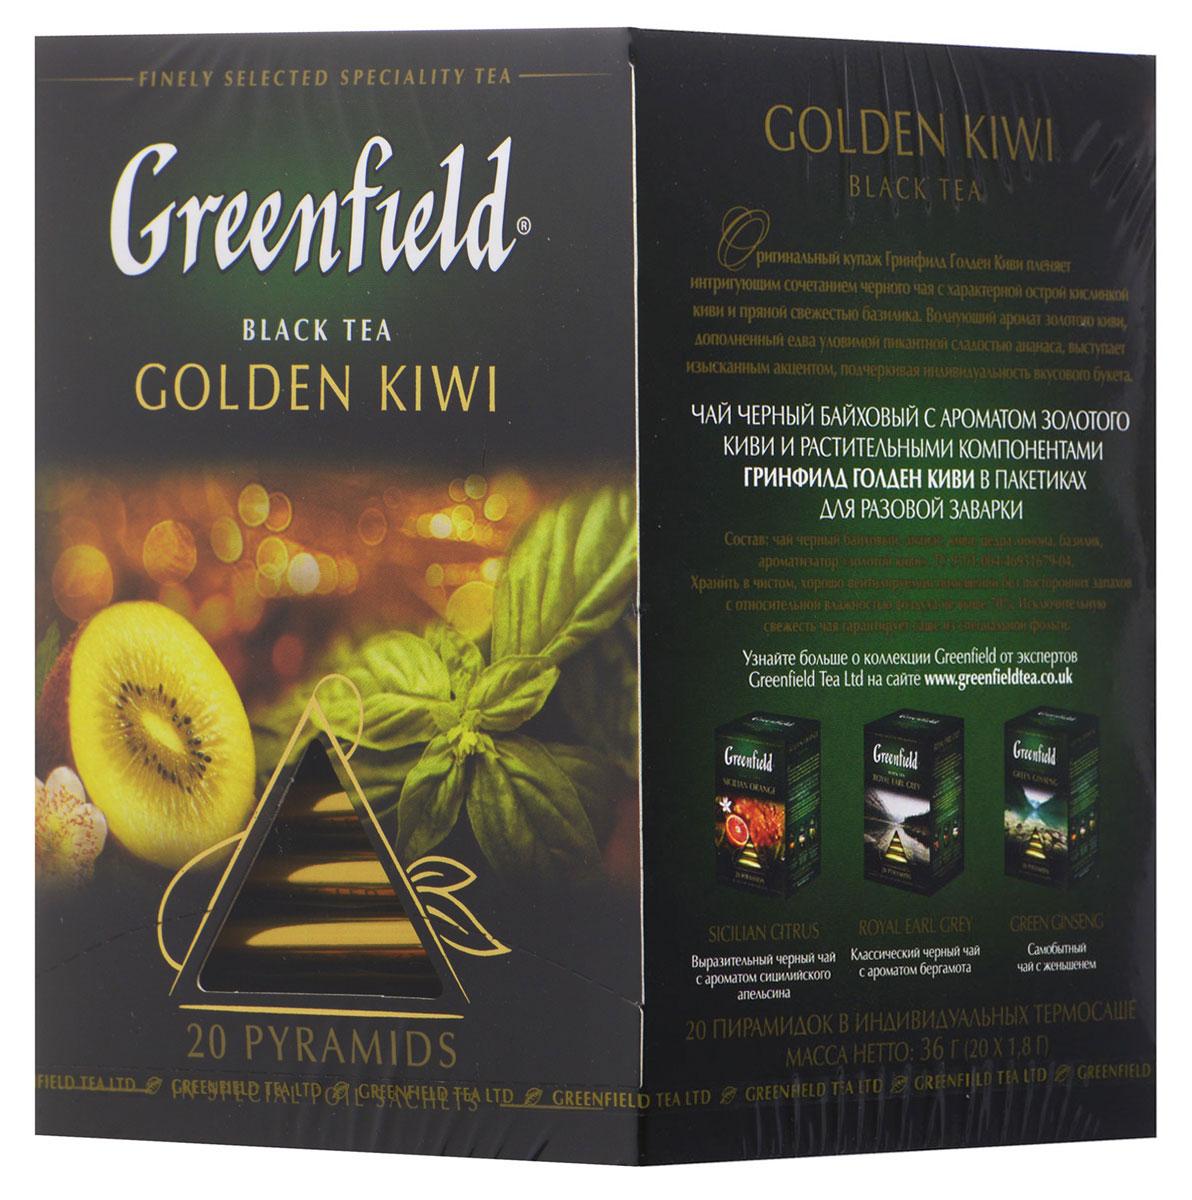 Greenfield Golden Kiwi черный чай в пирамидках, 20 шт0120710Оригинальный купаж Greenfield Golden Kiwi пленяет интригующим сочетанием черного чая с характерной острой кислинкой киви и пряной свежестью базилика. Волнующий аромат золотого киви, дополненный едва уловимой пикантной сладостью ананаса, выступает изысканным акцентом, подчеркивая индивидуальность вкусового букета.